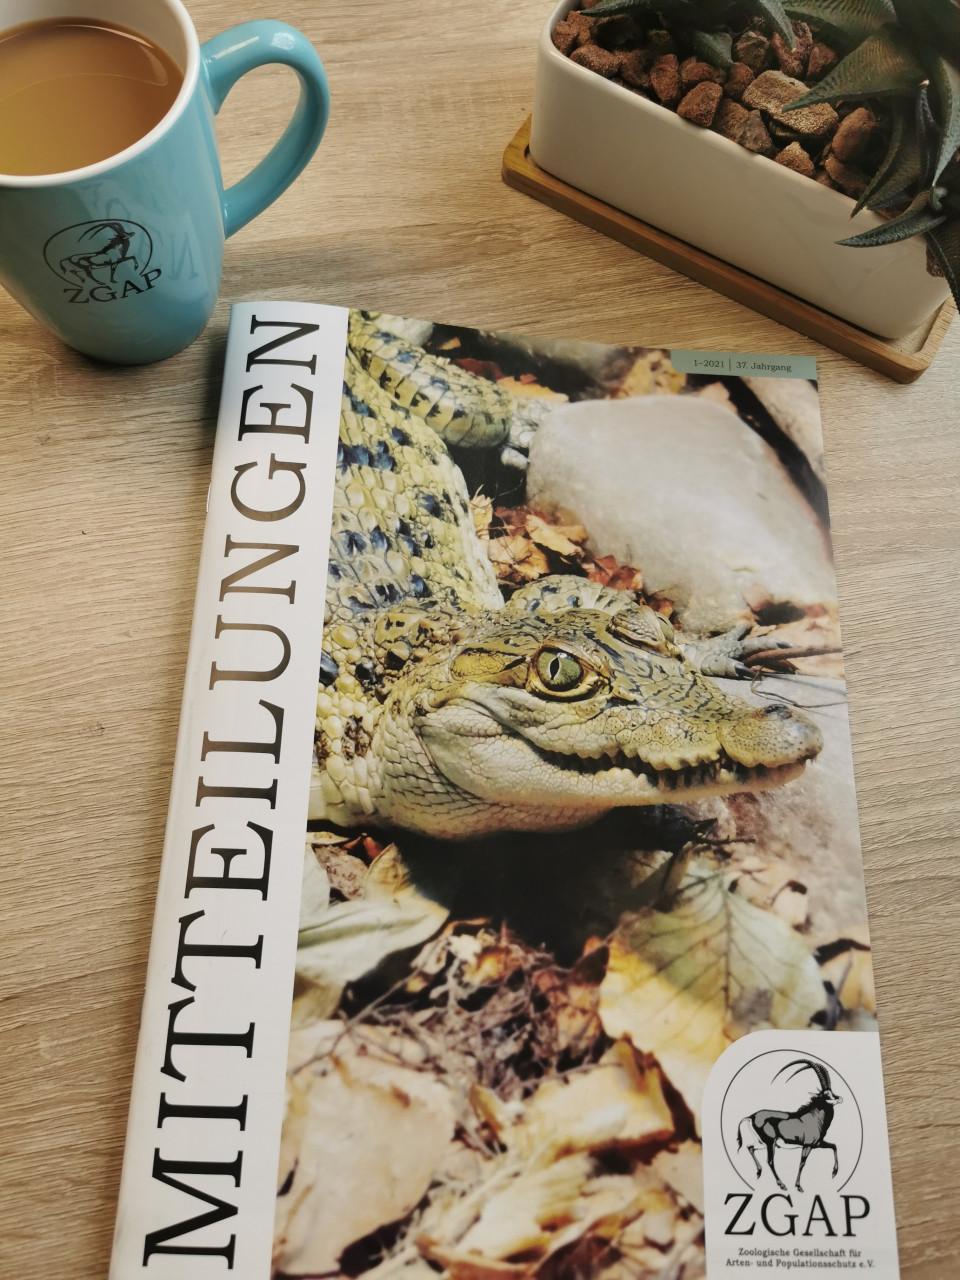 Neue Ausgabe der ZGAP-Mitteilungen